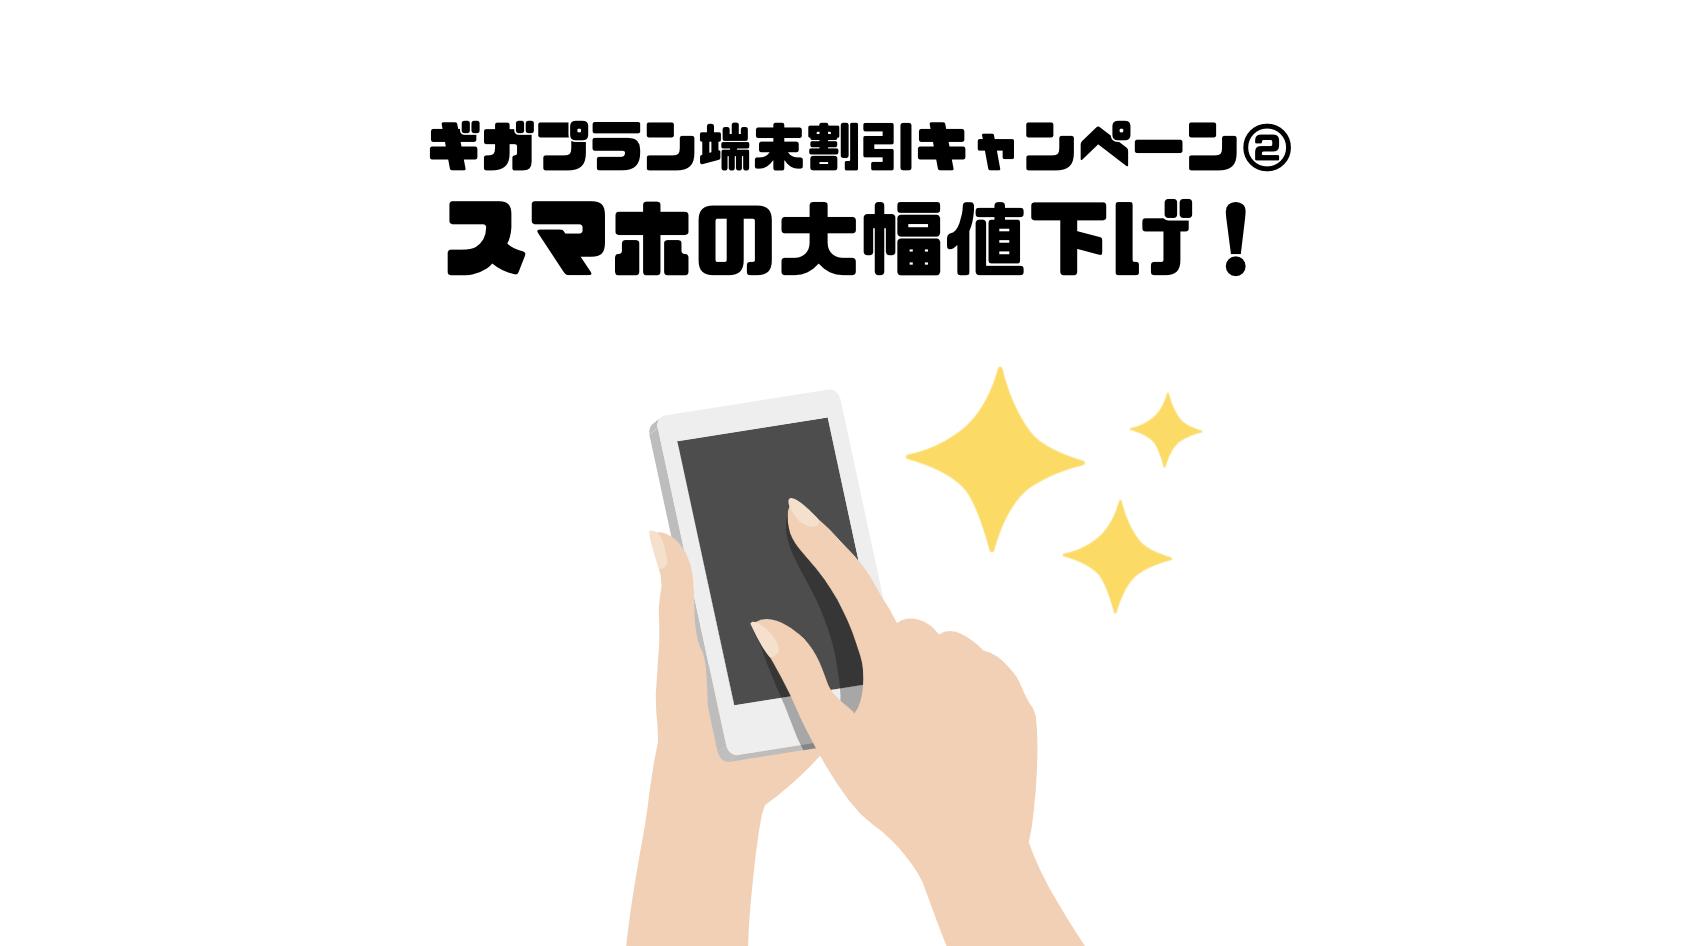 IIJmio_みおふぉん_評判_口コミ_ギガプラン_ギガプラン端末割引キャンペーン_スマホ大特価セール